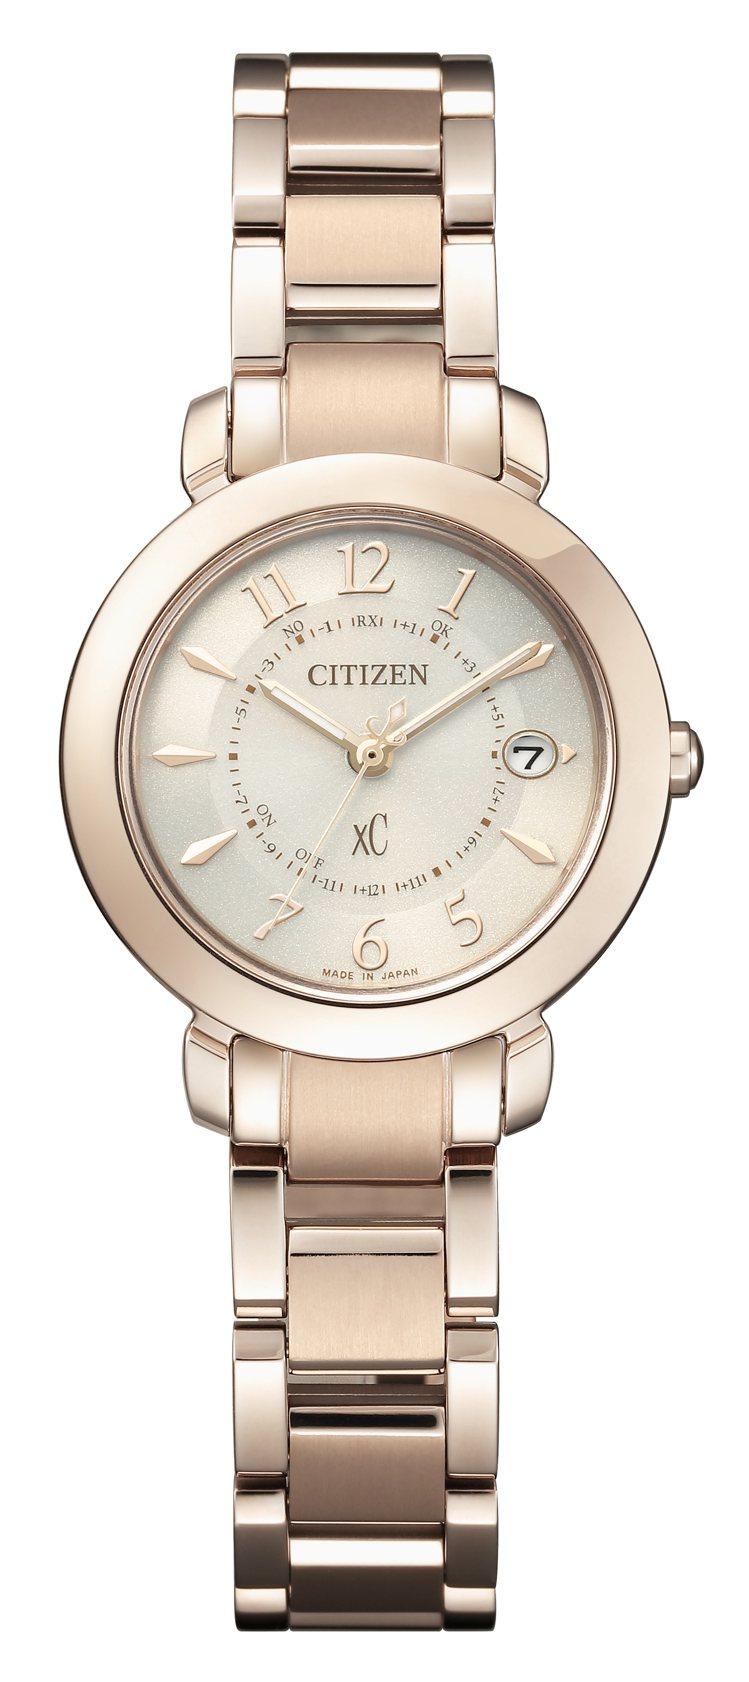 星辰表ES9444-50B腕表,櫻花粉紅金鍍鈦金屬表殼、表鍊,約29,900元。...